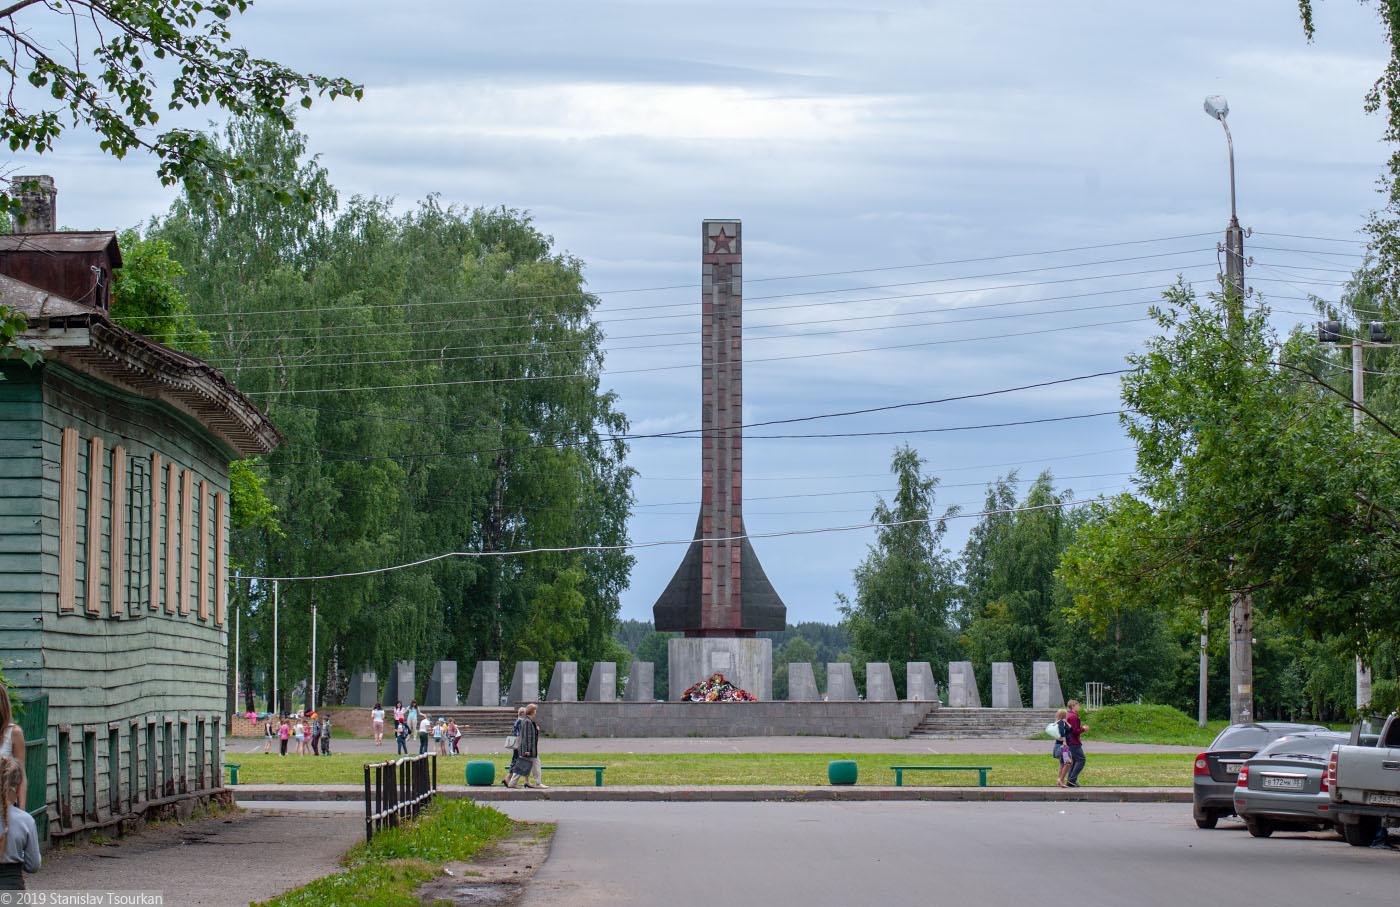 Вологодская область, Вологодчина, Великий устюг, Русский север, площадь Славы, монумент